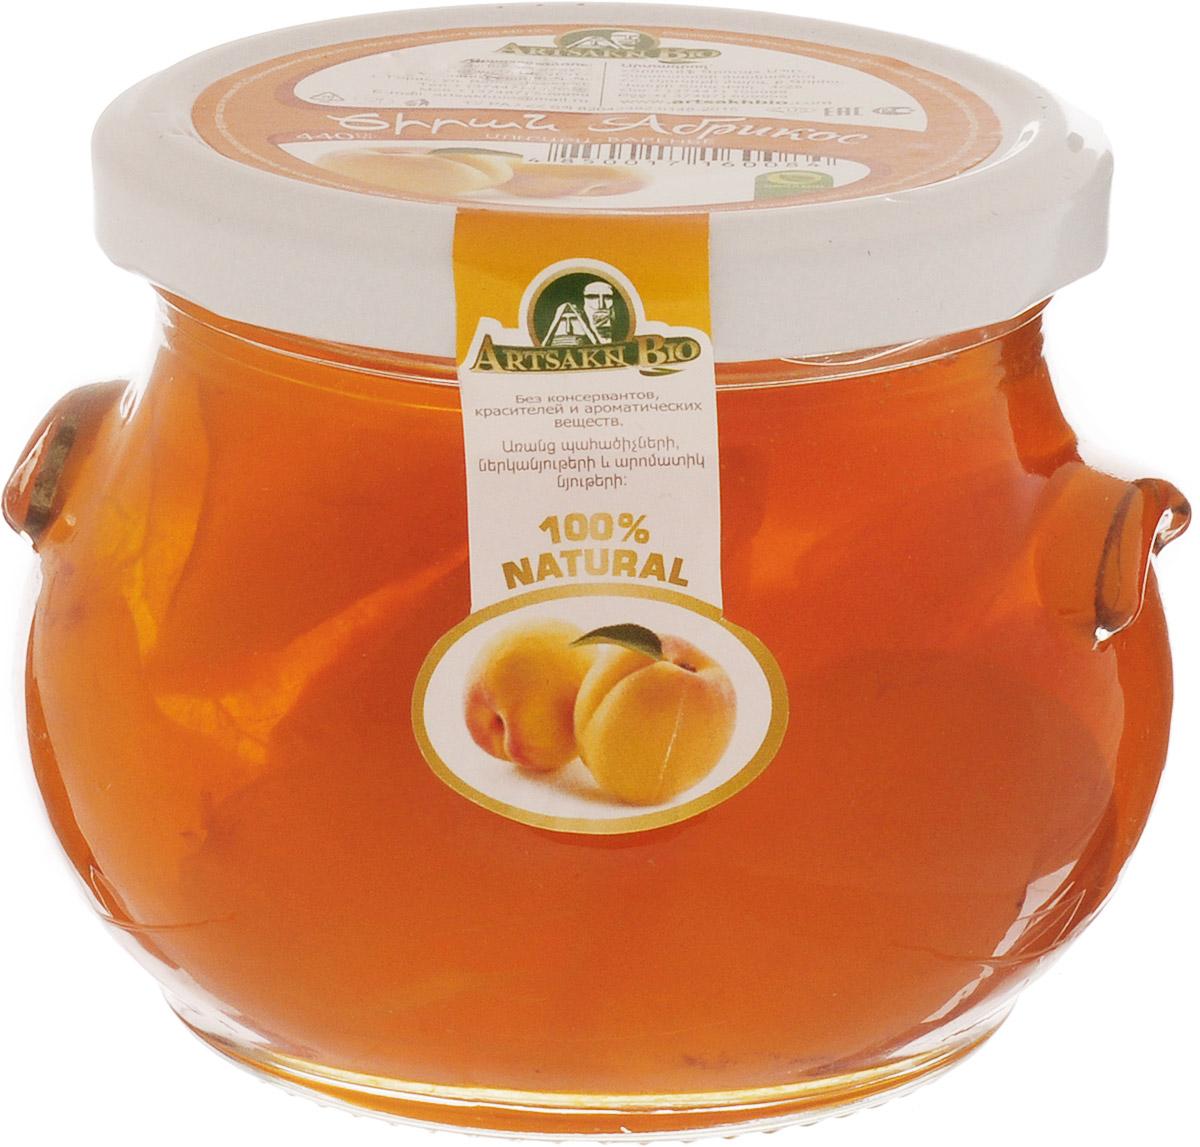 Artsakh Bio варенье из абрикоса, 440 г0120710Варенье из абрикоса полезно для сердечно-сосудистой системы. Оно улучшает обмен веществ и пищеварение.Абрикосы показаны при желудочных заболеваниях и нарушении обмена веществ. Они мягко, но надолго возбуждают железистый аппарат желудка и нормализуют кислотность желудочного сока, что приводит в норму деятельность поджелудочной железы, а в силу этого улучшается работа печени и желчного пузыря.